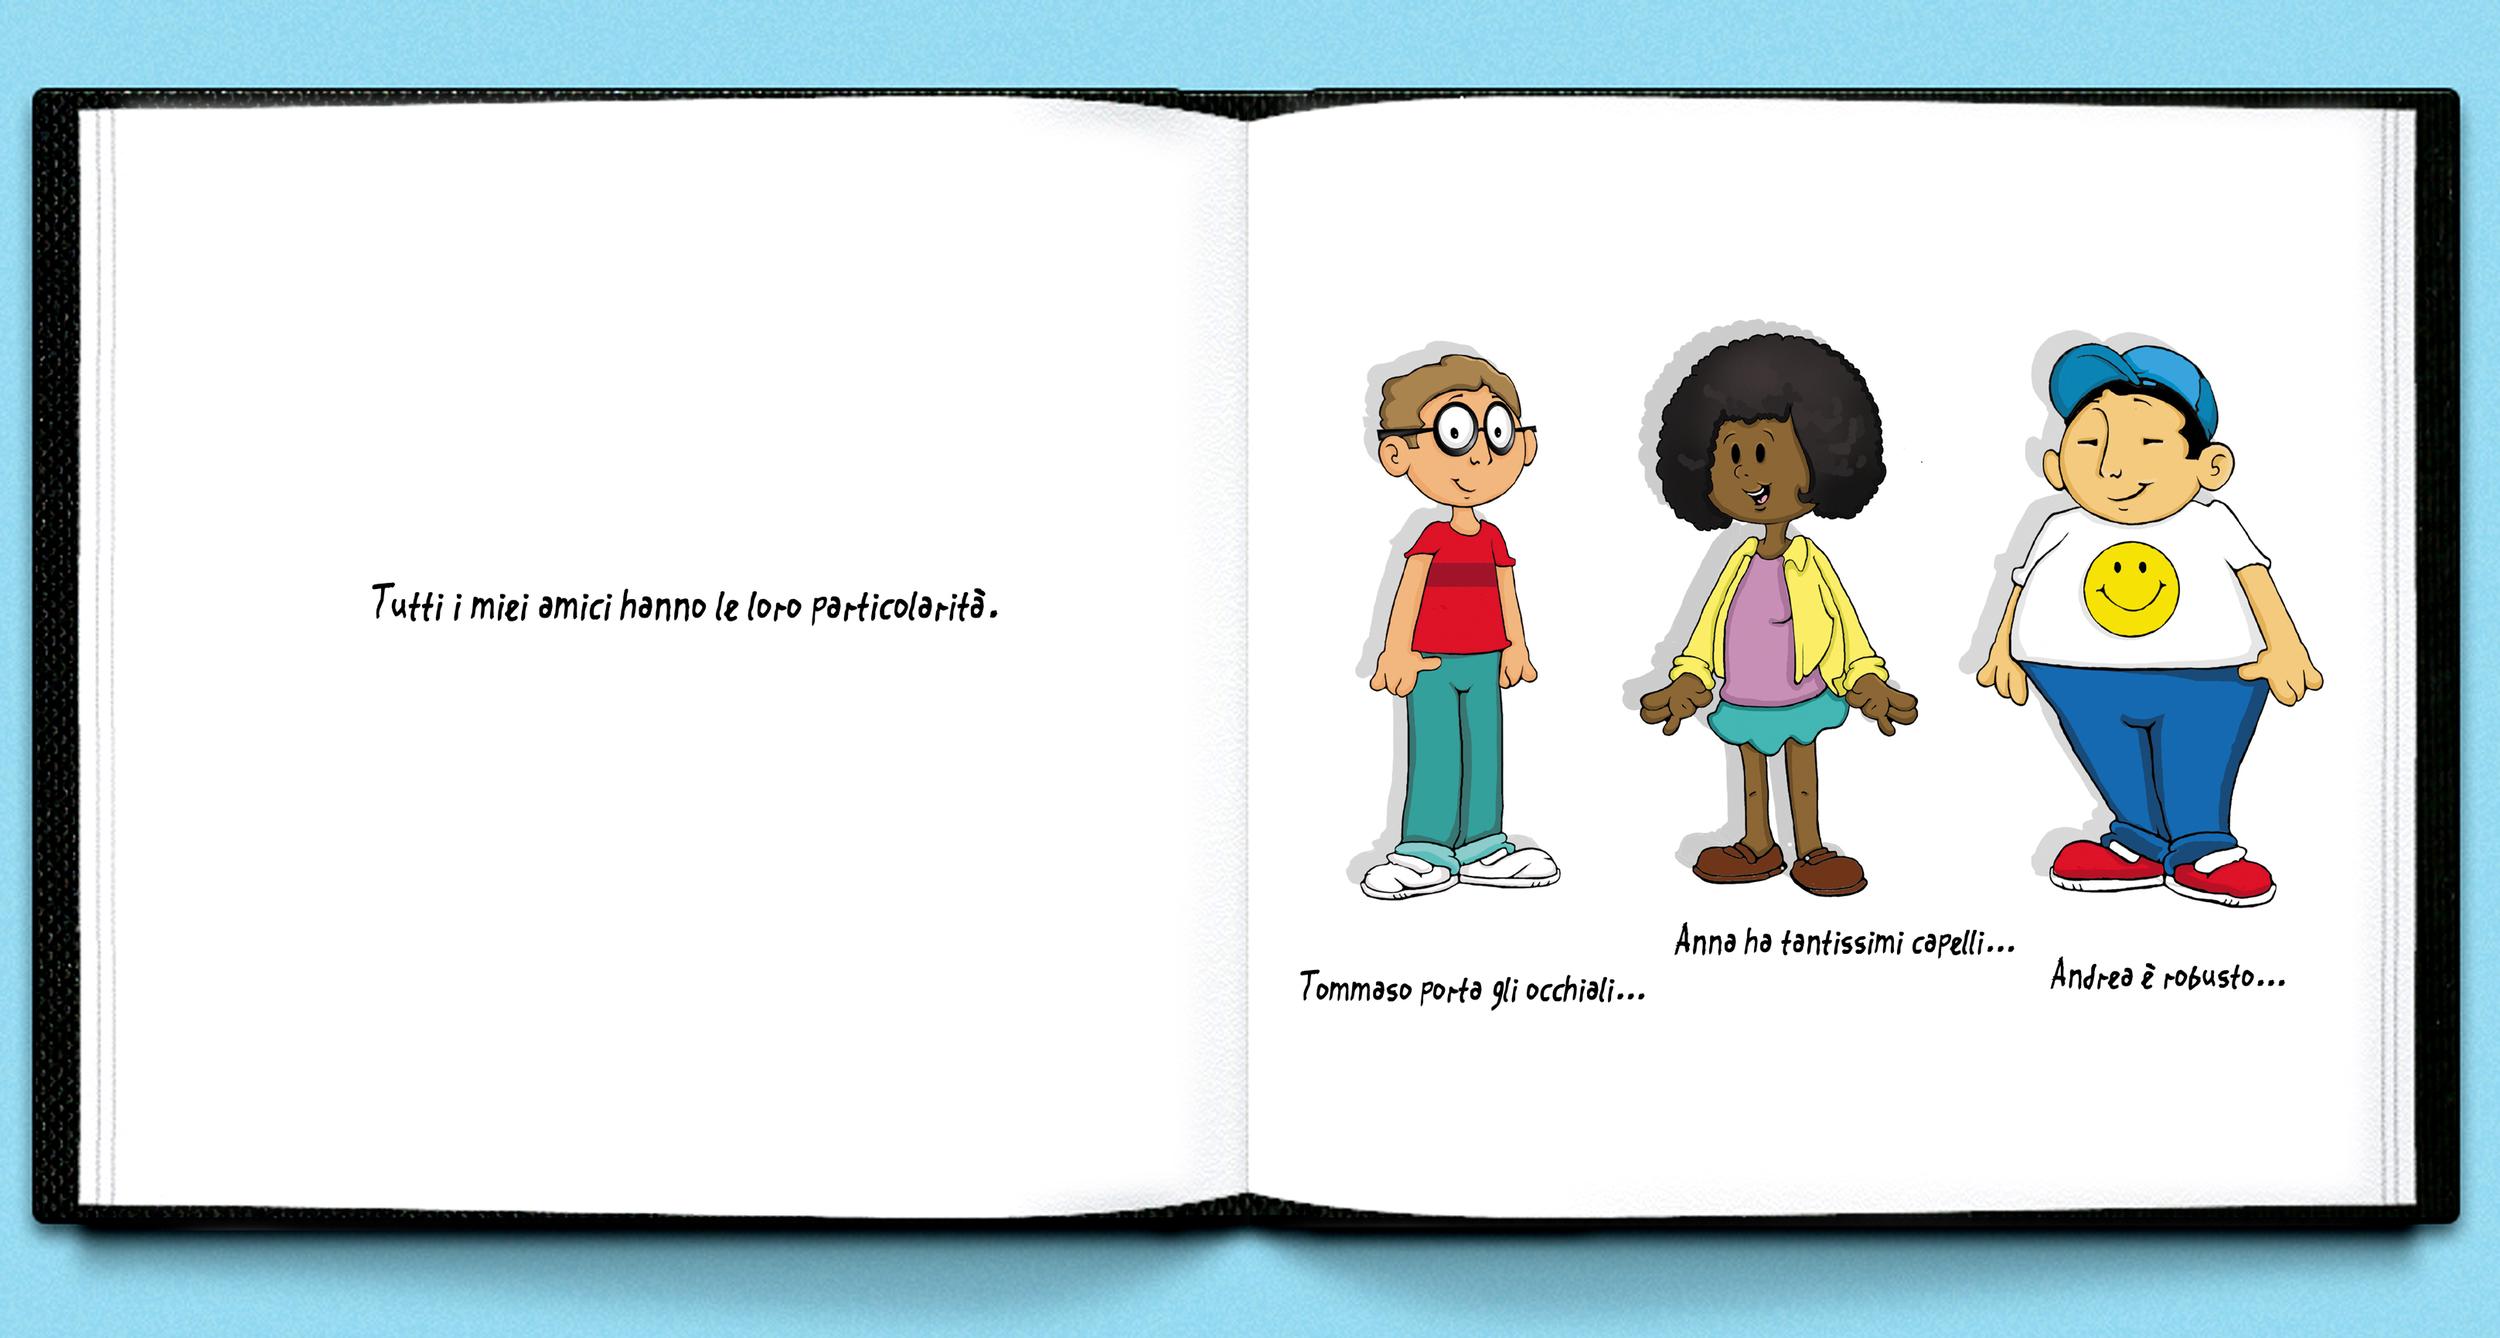 BOOK UD Ital 5.jpg